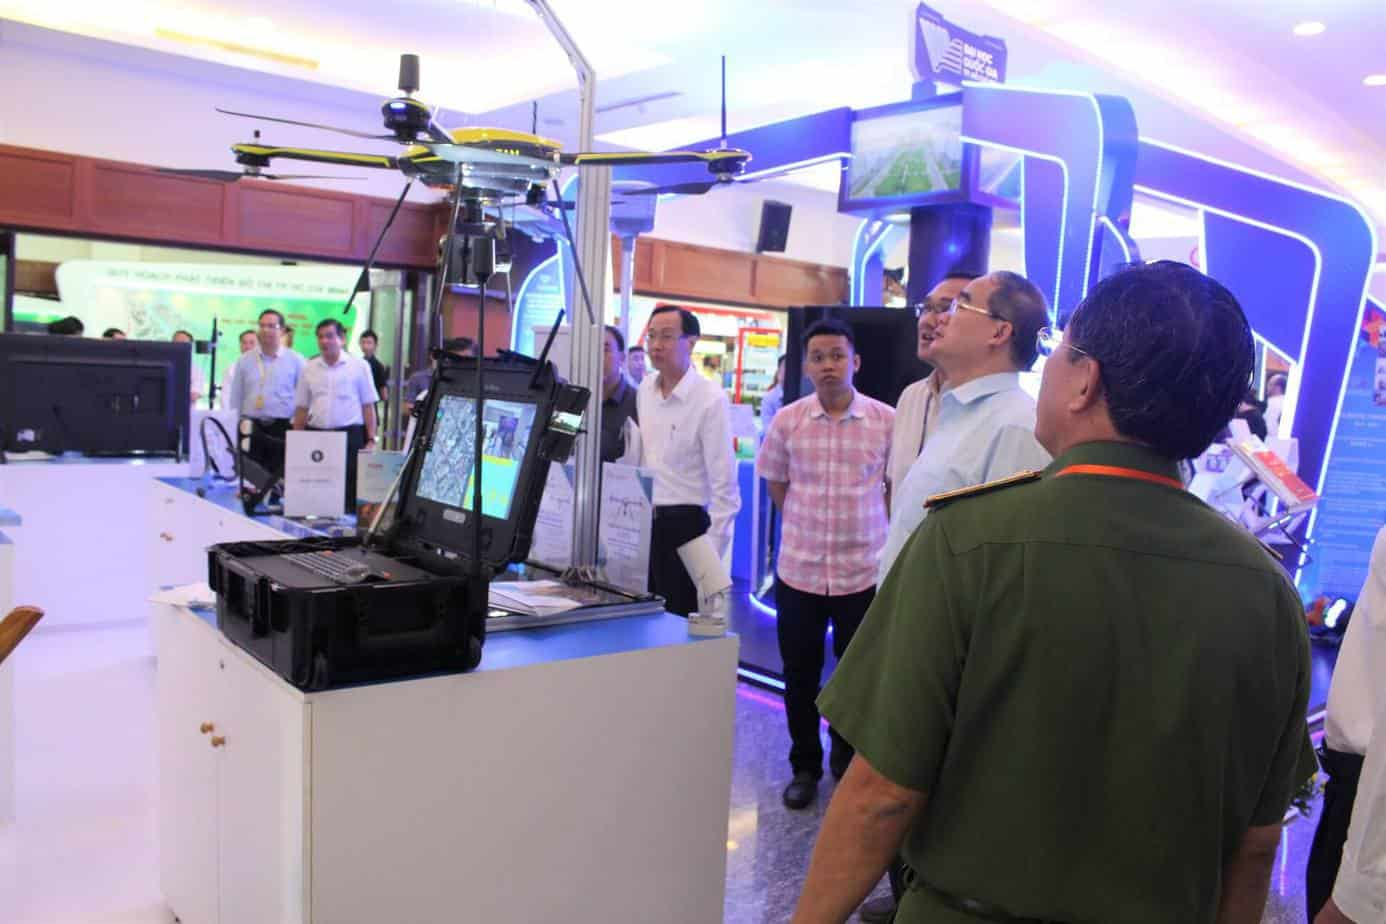 Nhà thông minh Acis tham gia triển lãm chào mừng Đại hội Đại biểu Đảng bộ TP.HCM 4